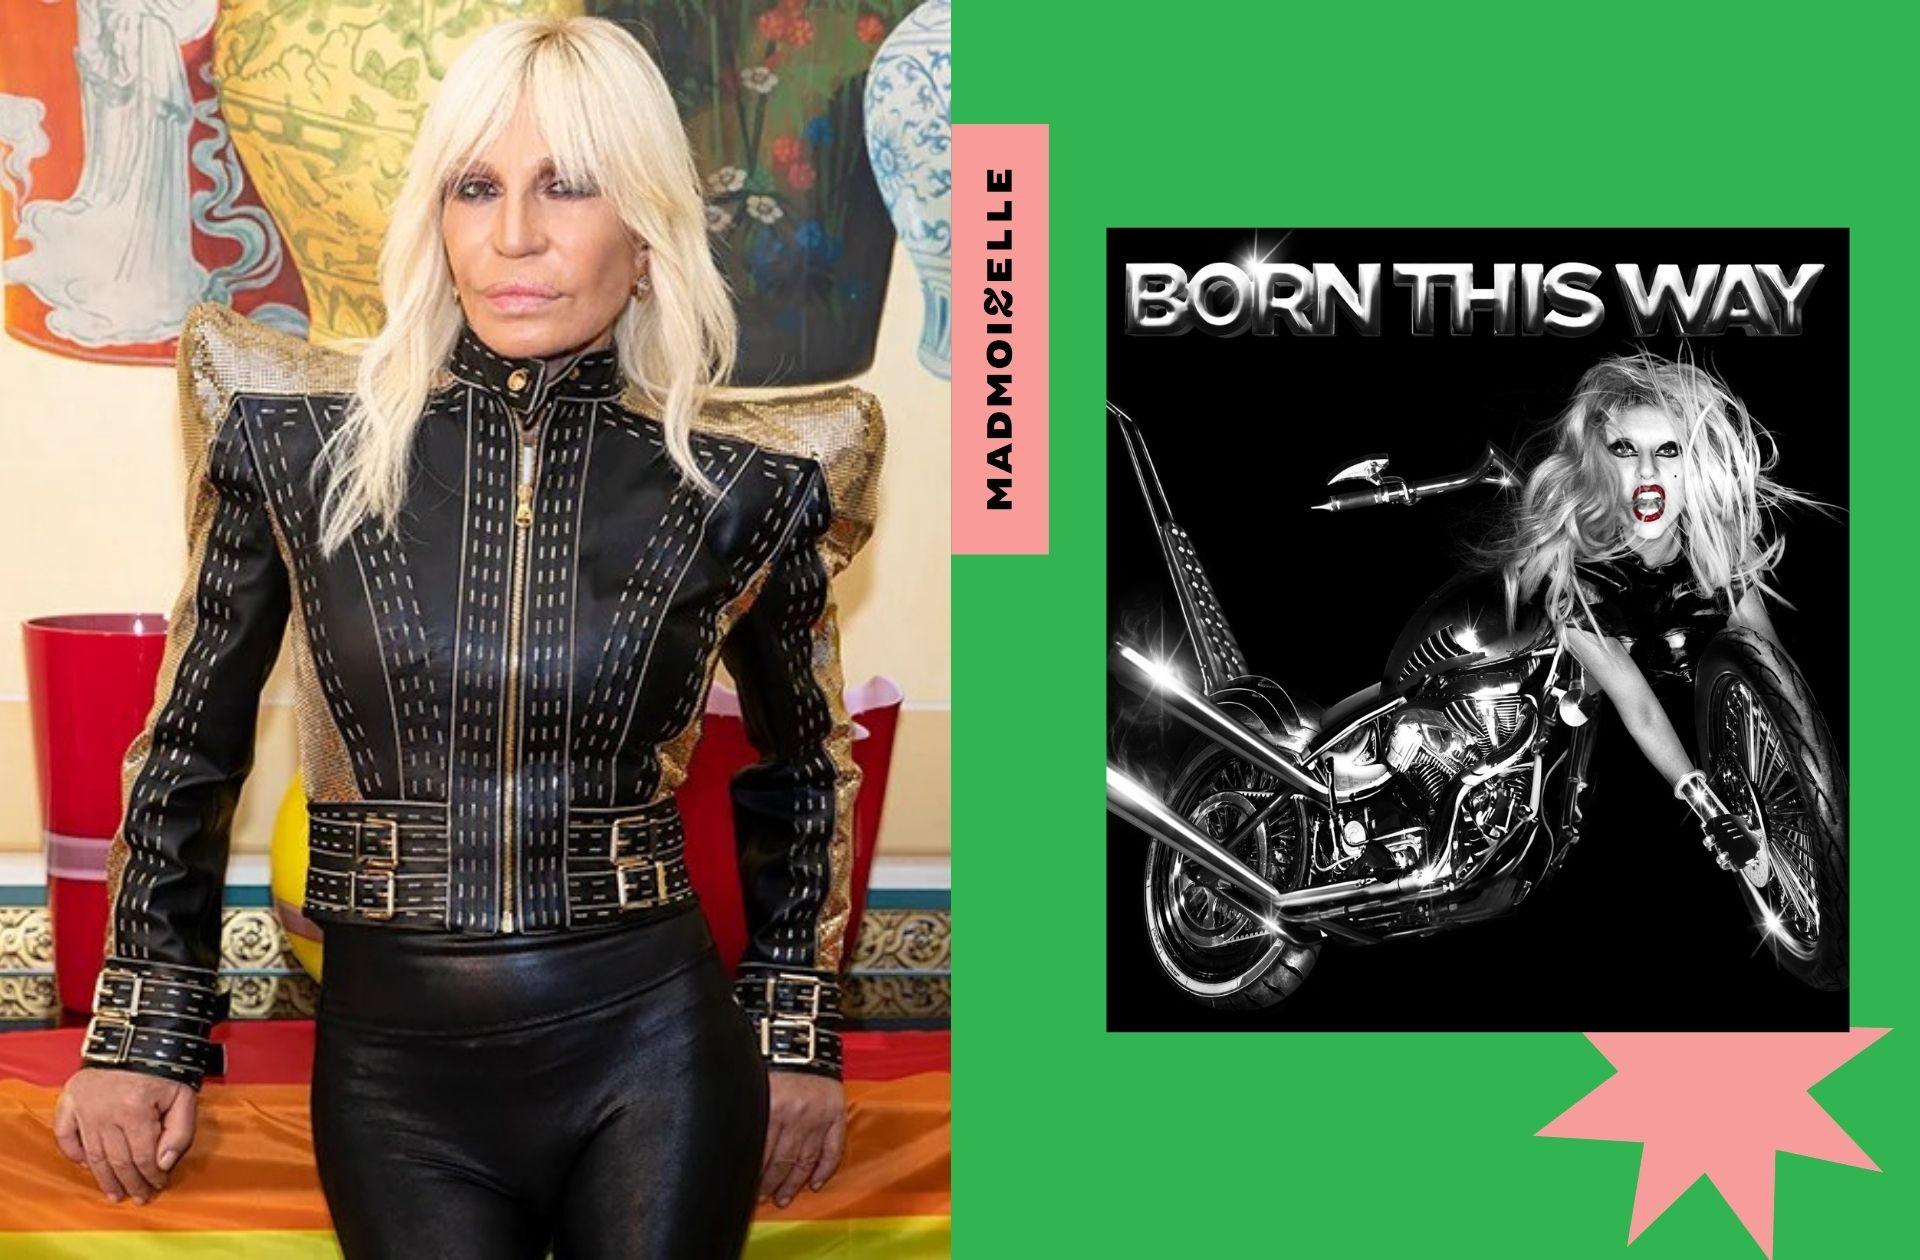 Cette veste culte de Lady Gaga conçue par Donatella Versace est mise aux enchères pour la cause LGBTI+